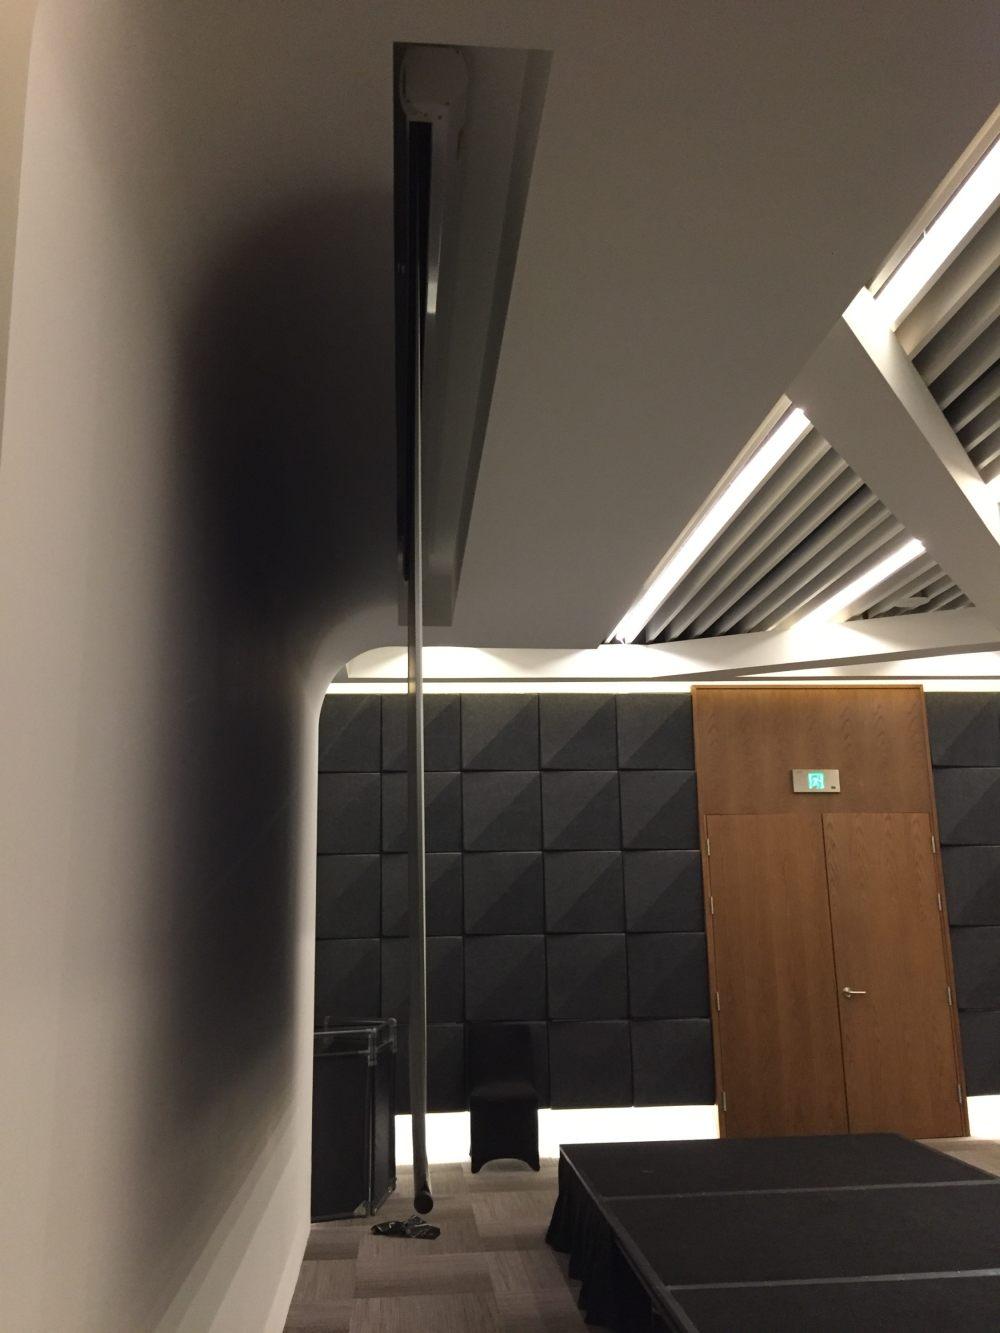 上海外滩W酒店,史上最全入住体验 自拍分享,申请置...._IMG_5996.JPG